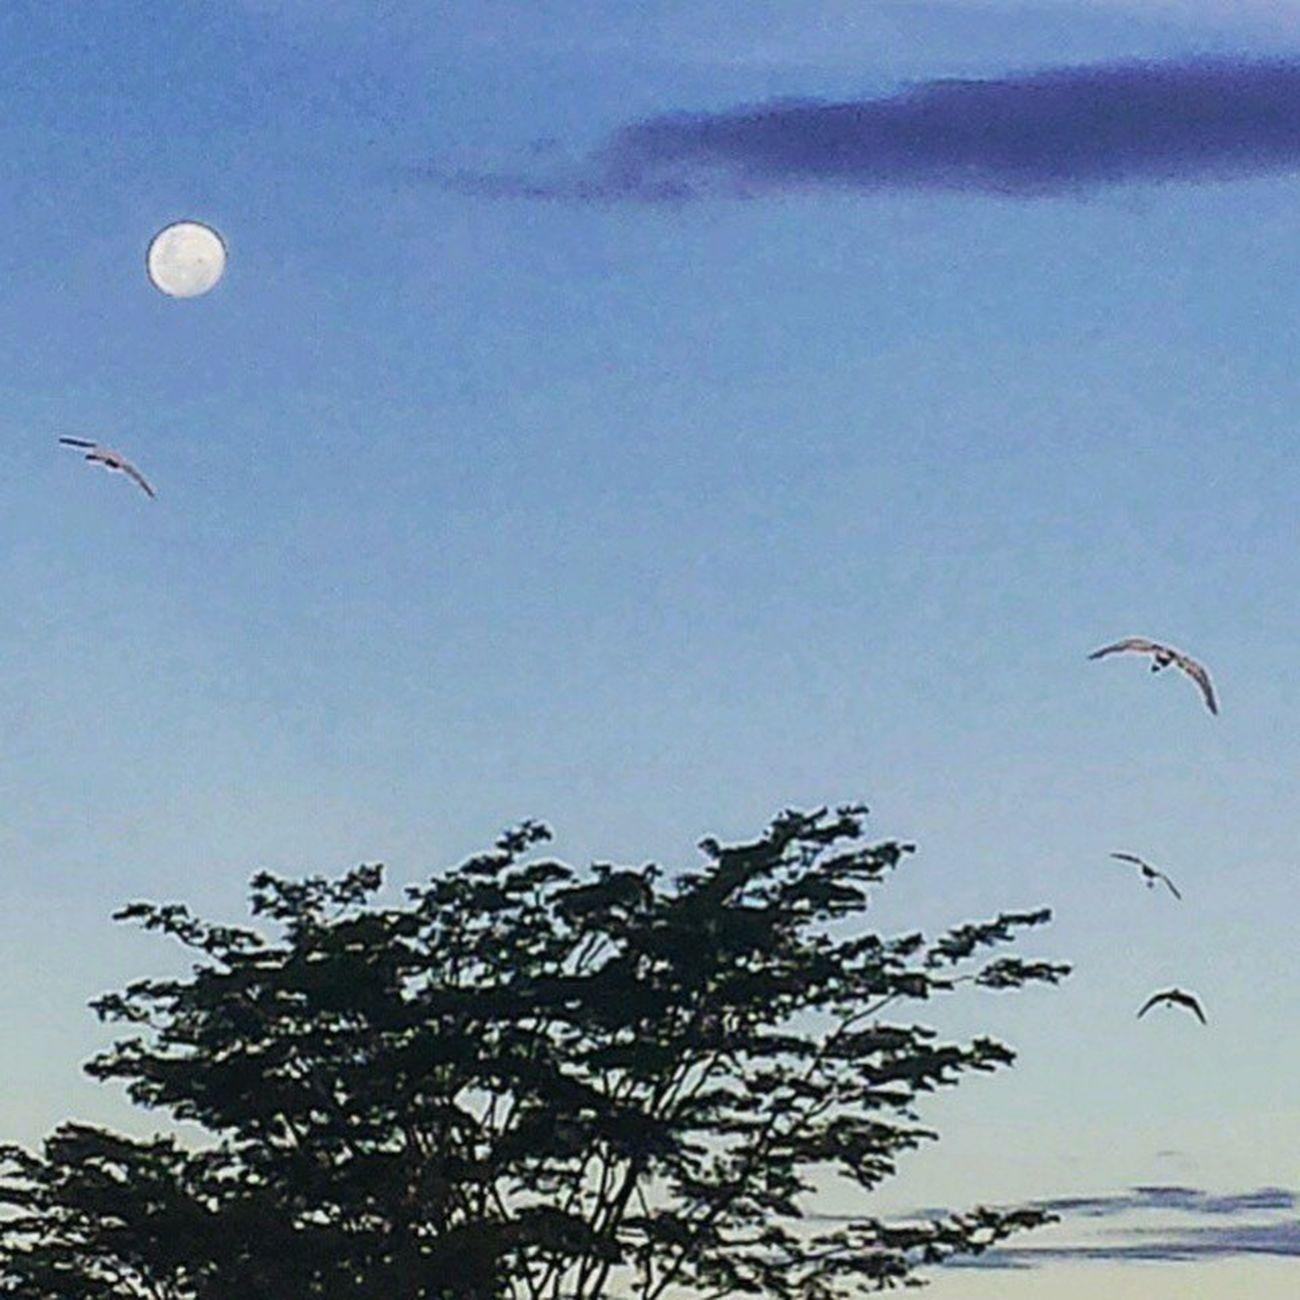 Céu de Mato Grosso... Foto: @lu_poiani _________________________________ Matogrosso MatoGrosso_Brasil Bresil  Brazil Brazilien Brasil World Southamerica America Nature Instagram IloveBrazil CentroOeste MatoGrossoéLindo VisitBrasil Peace